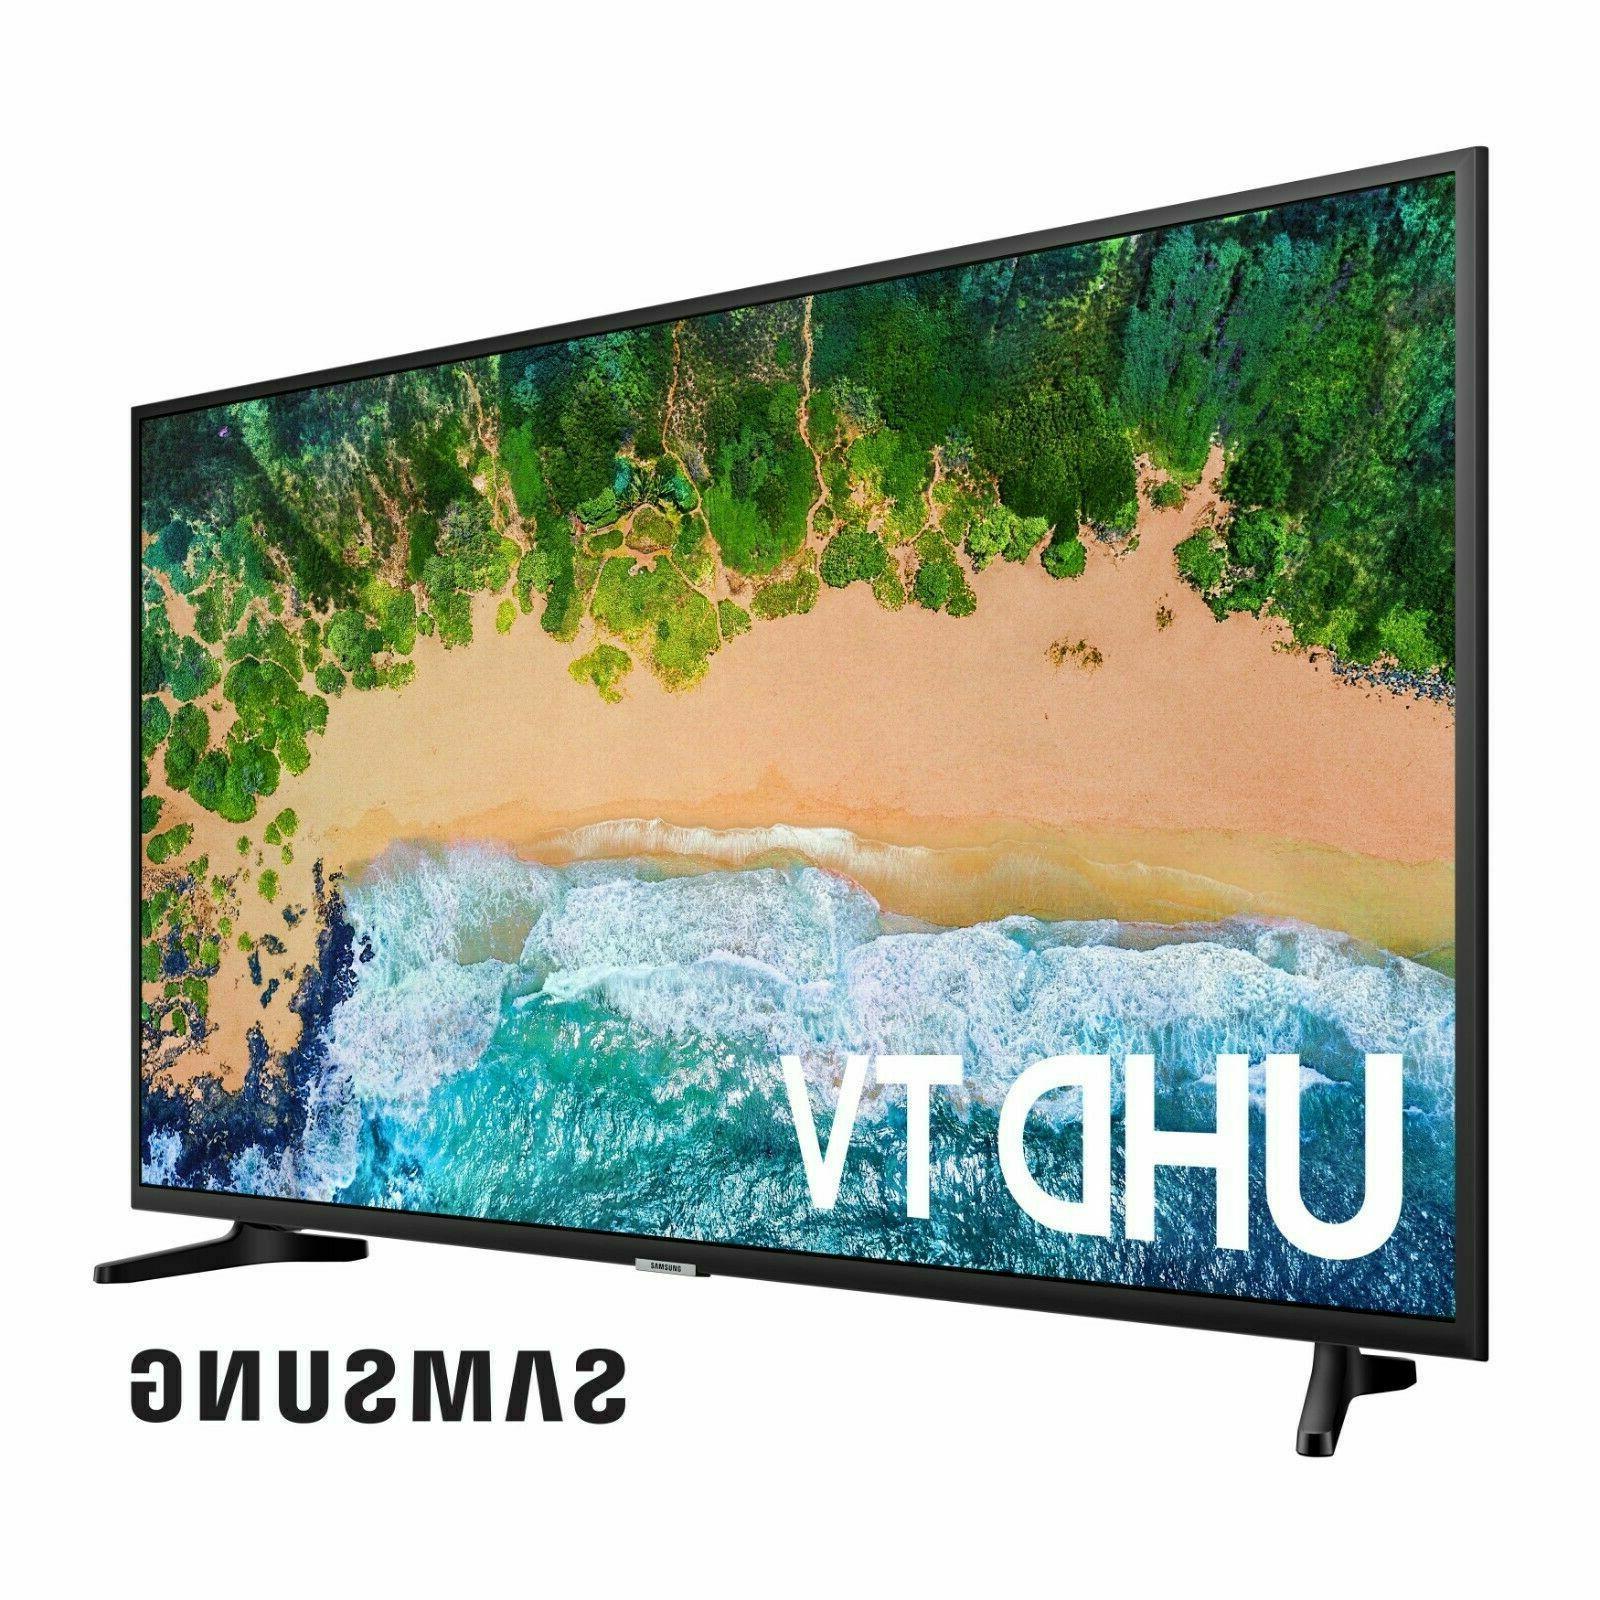 SAMSUNG Class UHD 2160p TV